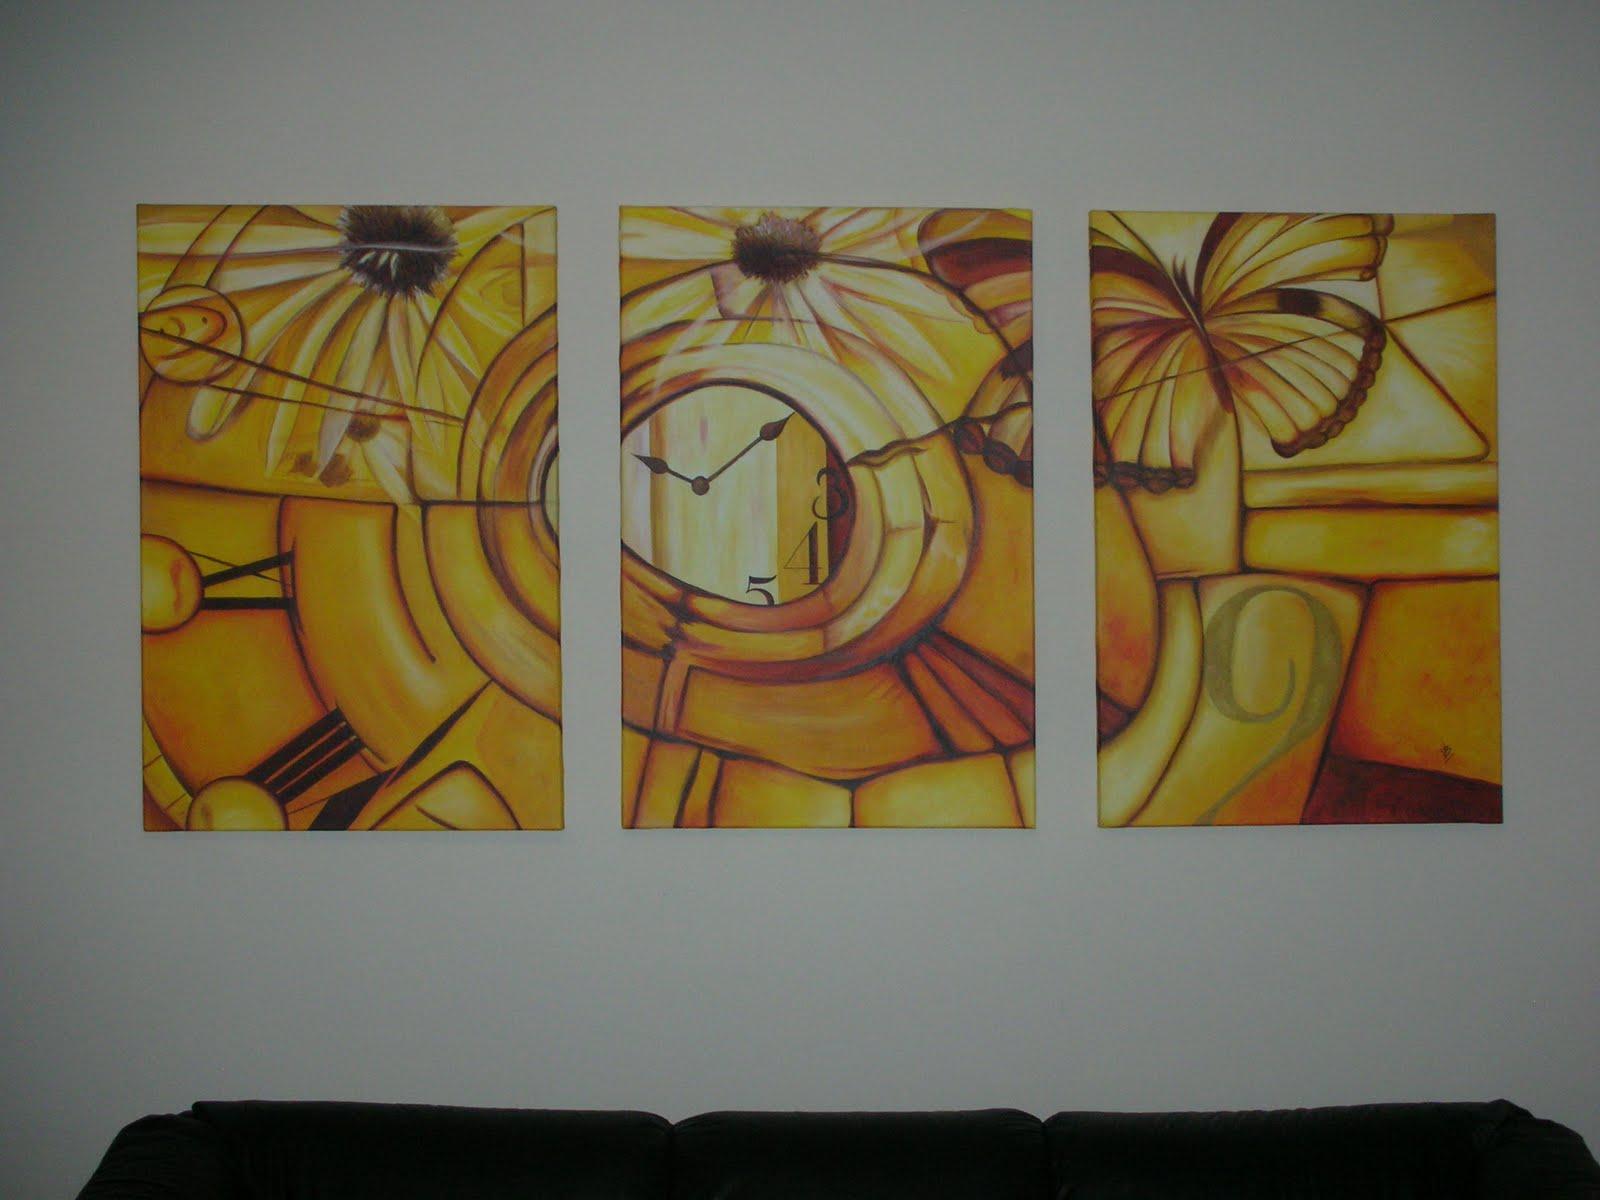 Cuadros diptricos tripticos abstractos florales infantiles for Cuadros tripticos abstractos